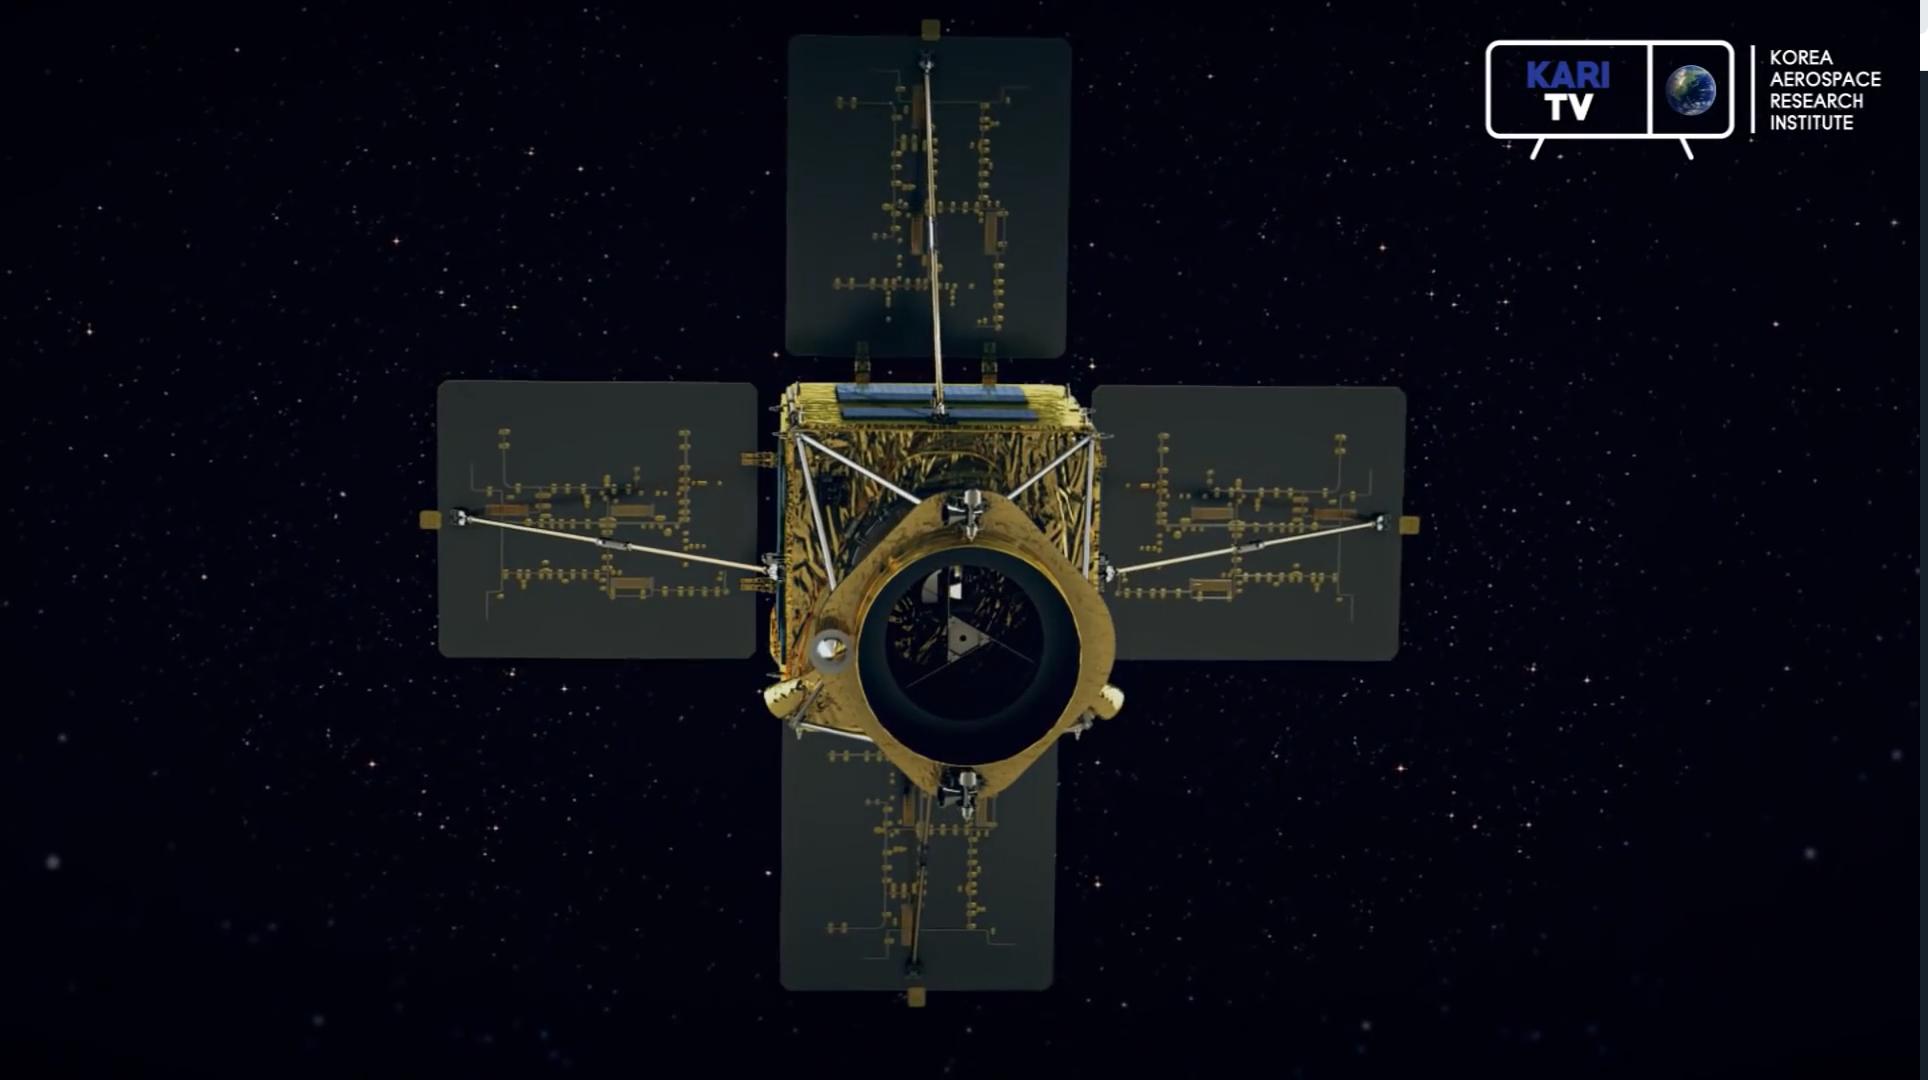 CAS500 satellite